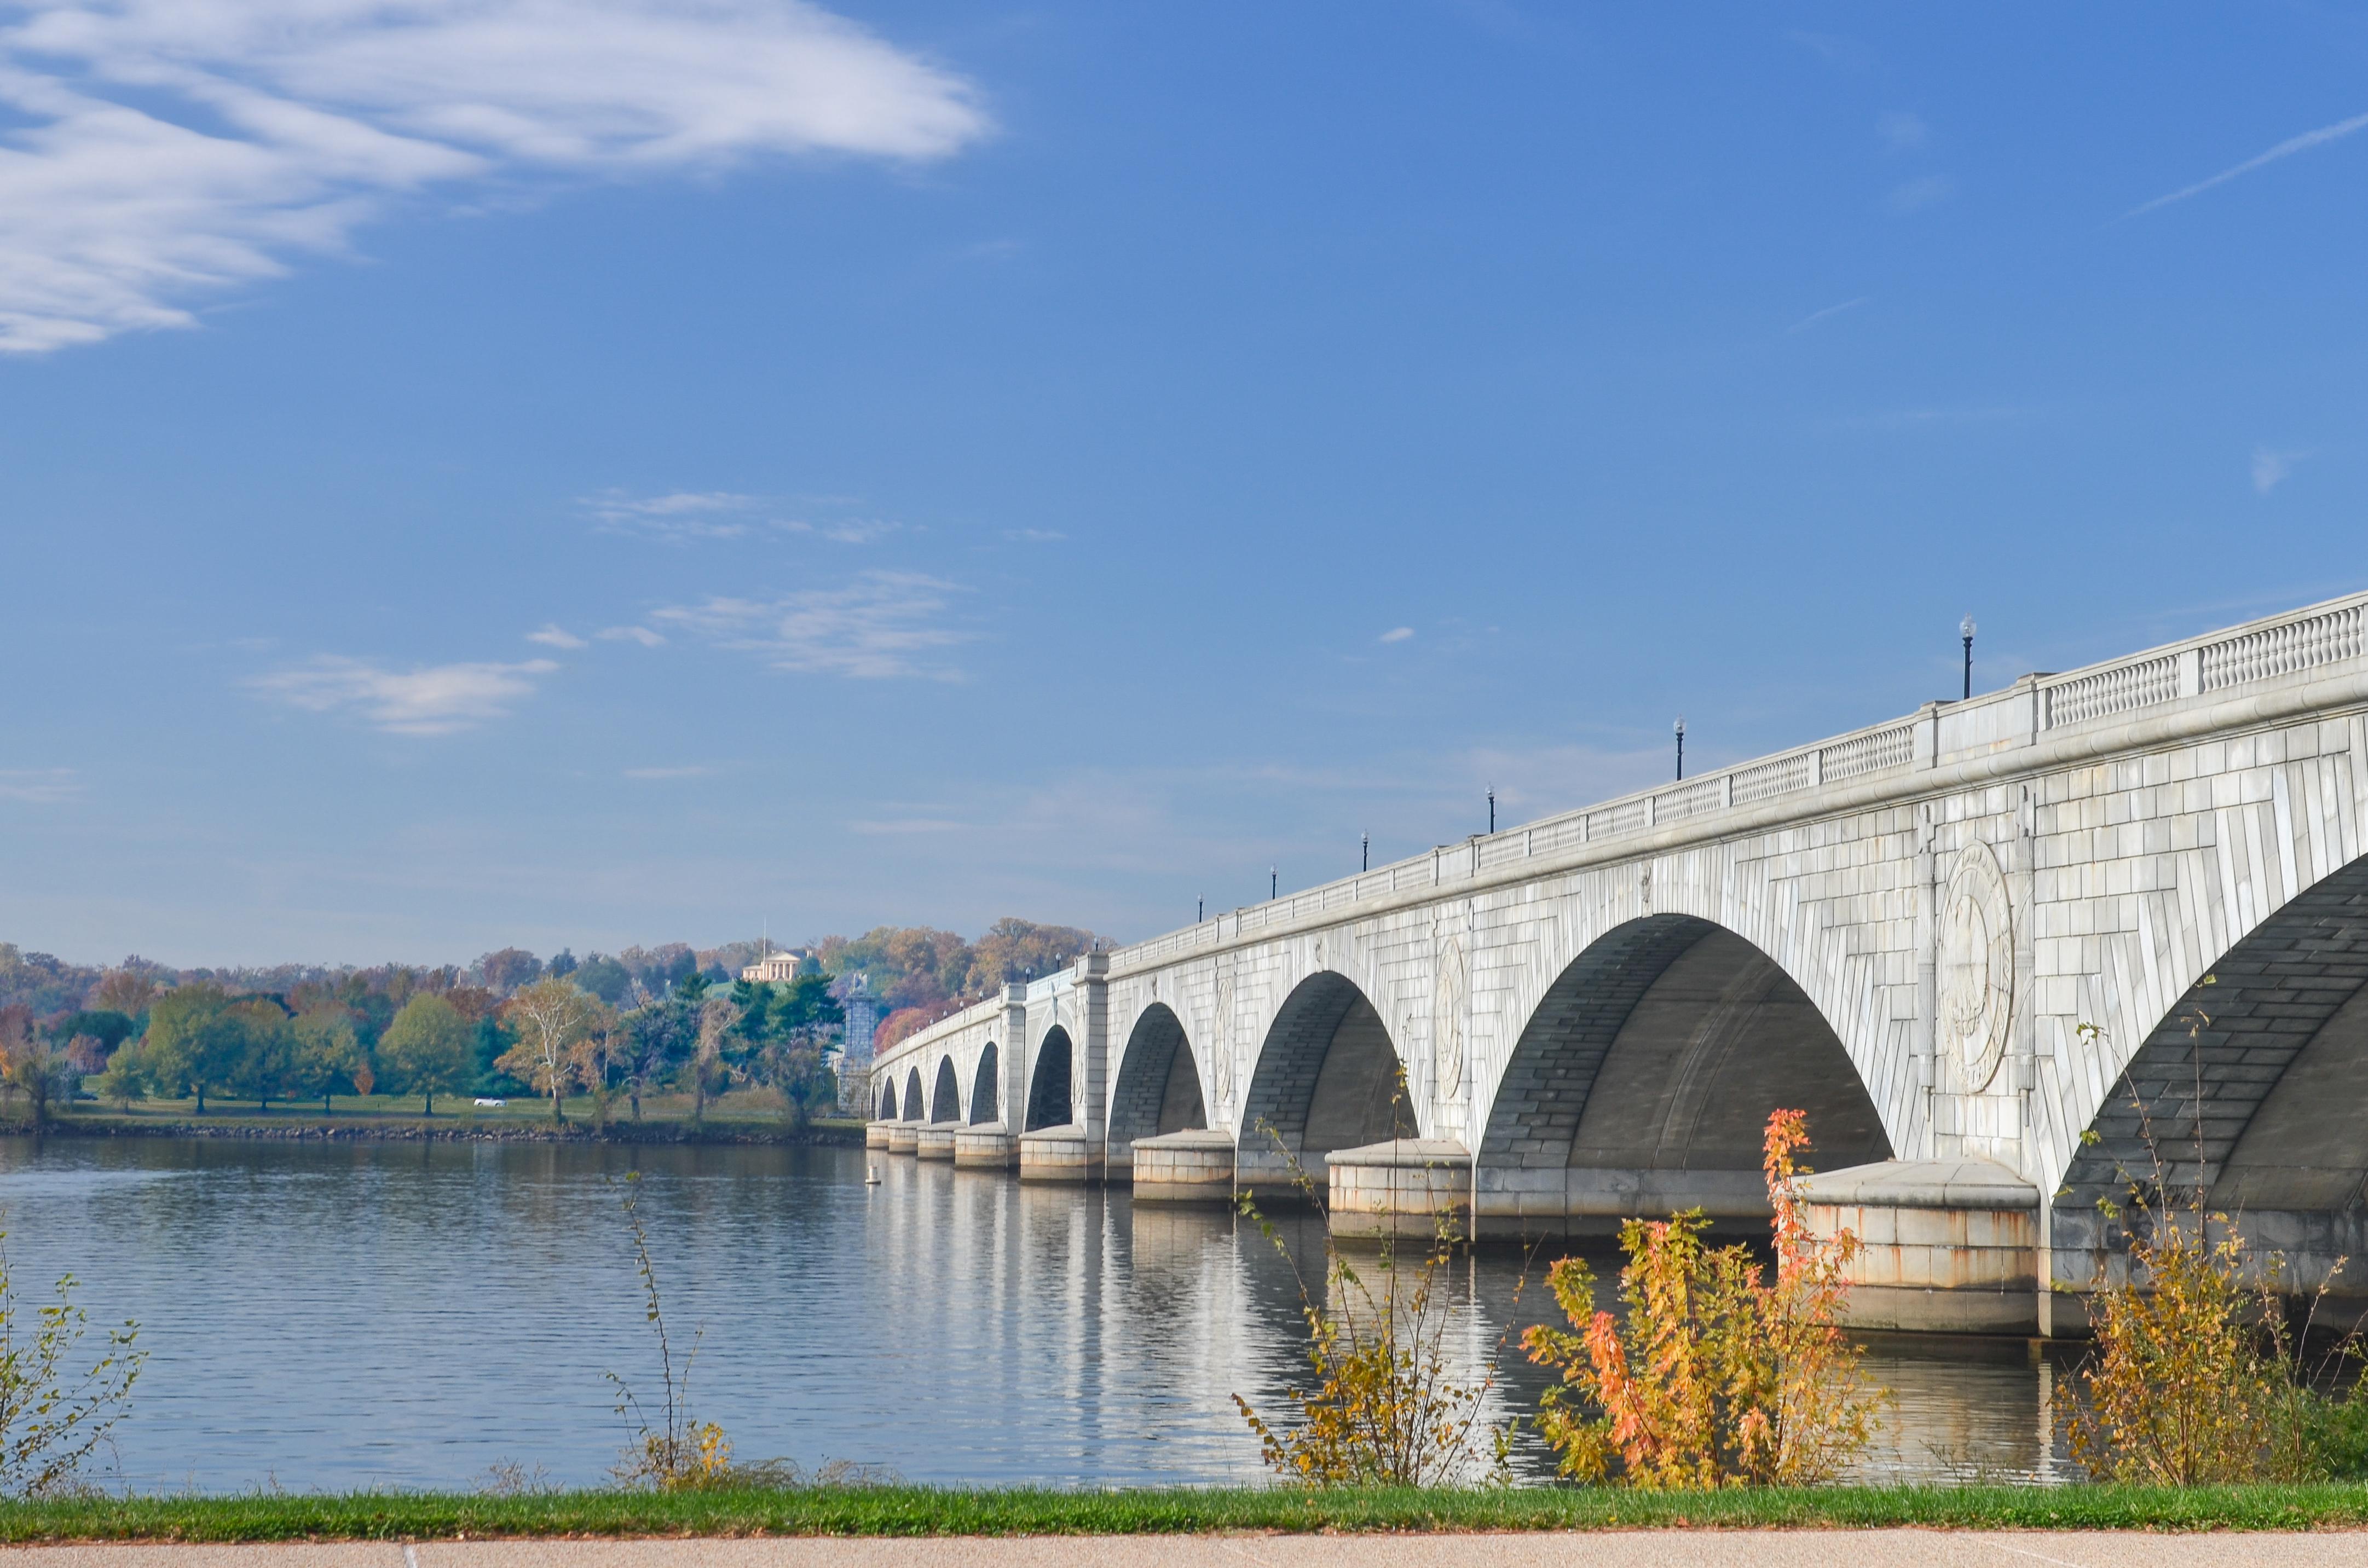 A stone bridge across a river. It has large arches.